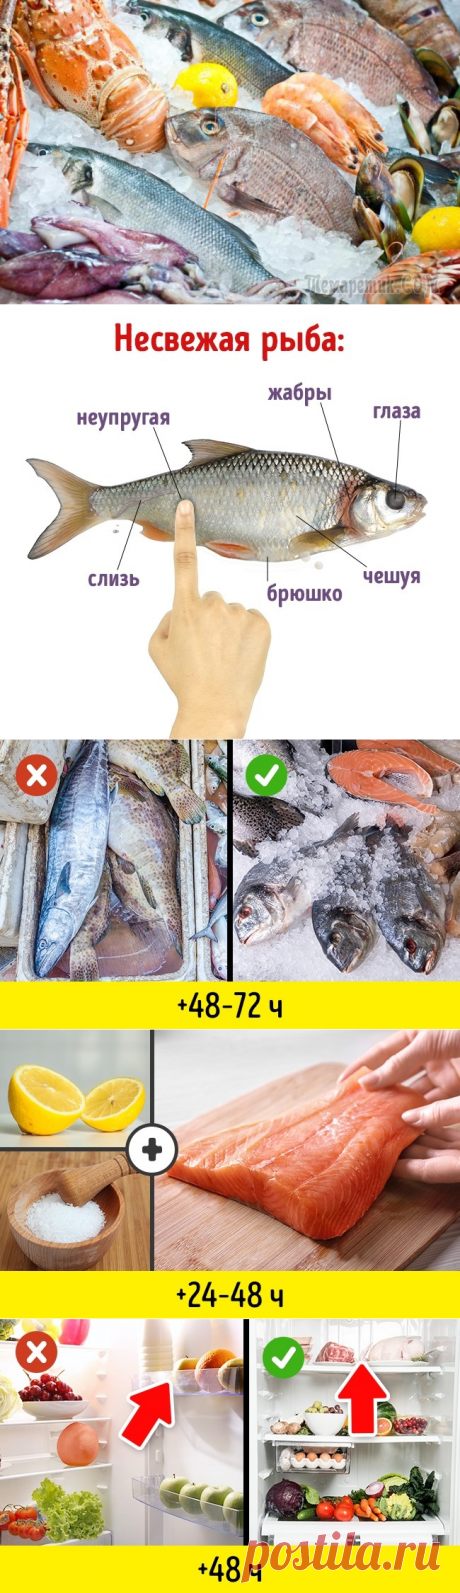 10 маленьких хитростей, как идеально сохранить свежую рыбу